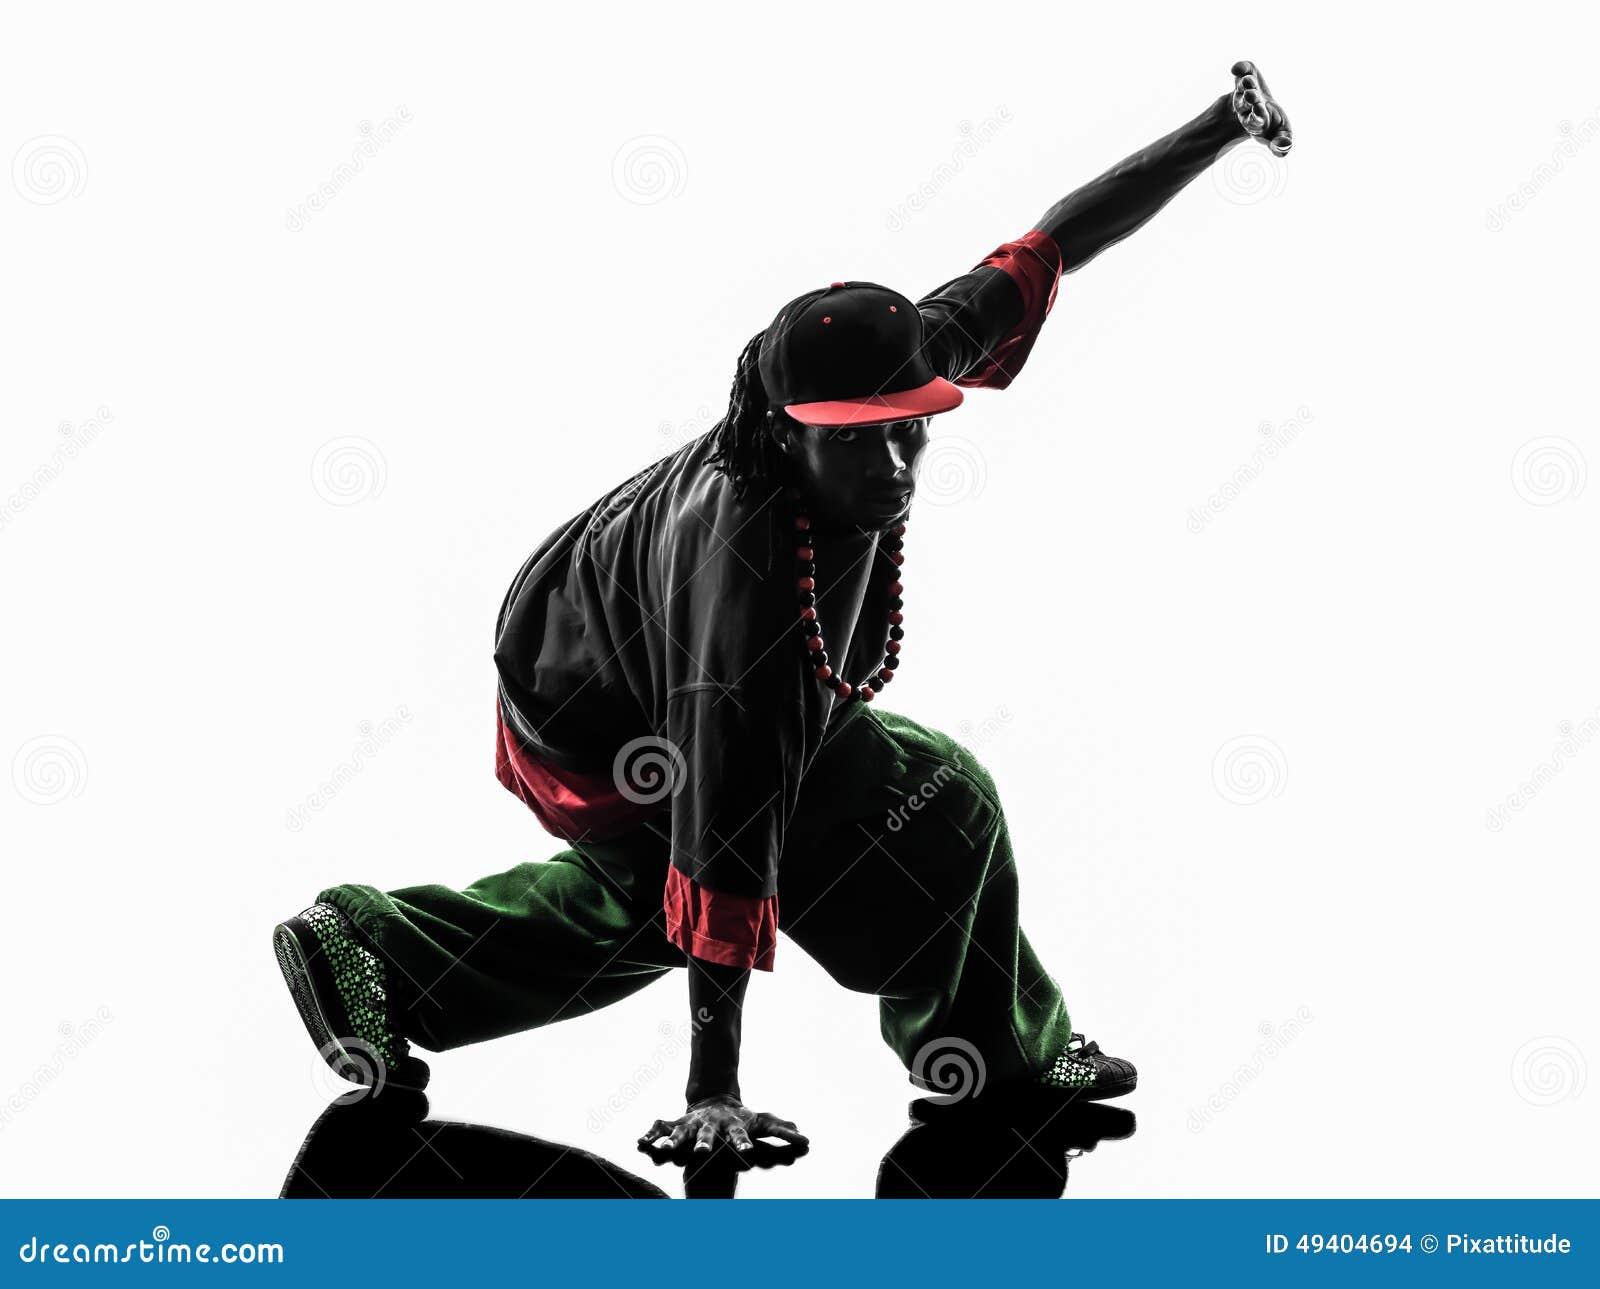 Download Akrobatischer Breakdancer Des Hip-Hop, Der Schattenbild Des Jungen Mannes Breakdancing Ist Stockfoto - Bild von studio, hüfte: 49404694